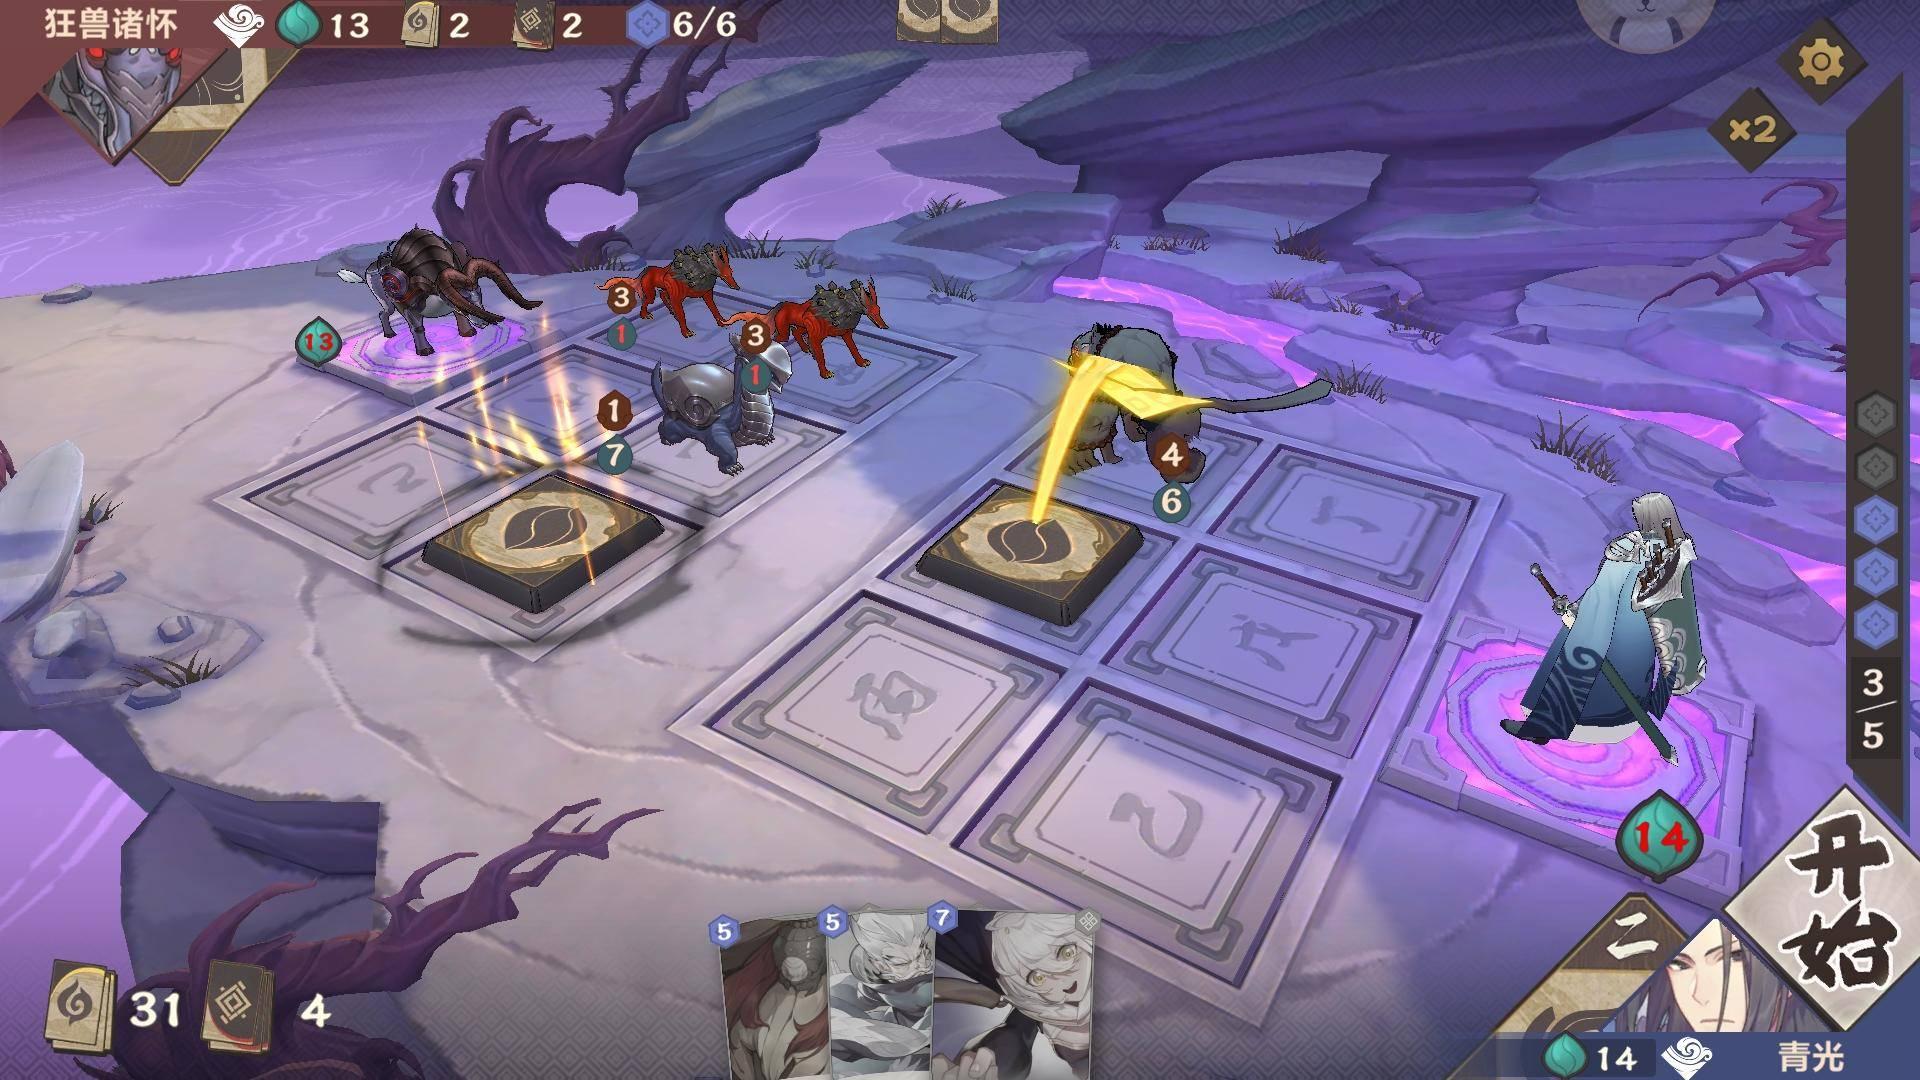 在诸多仙剑改编的MMO手游中,卡牌对战《九野》真是一朵奇葩